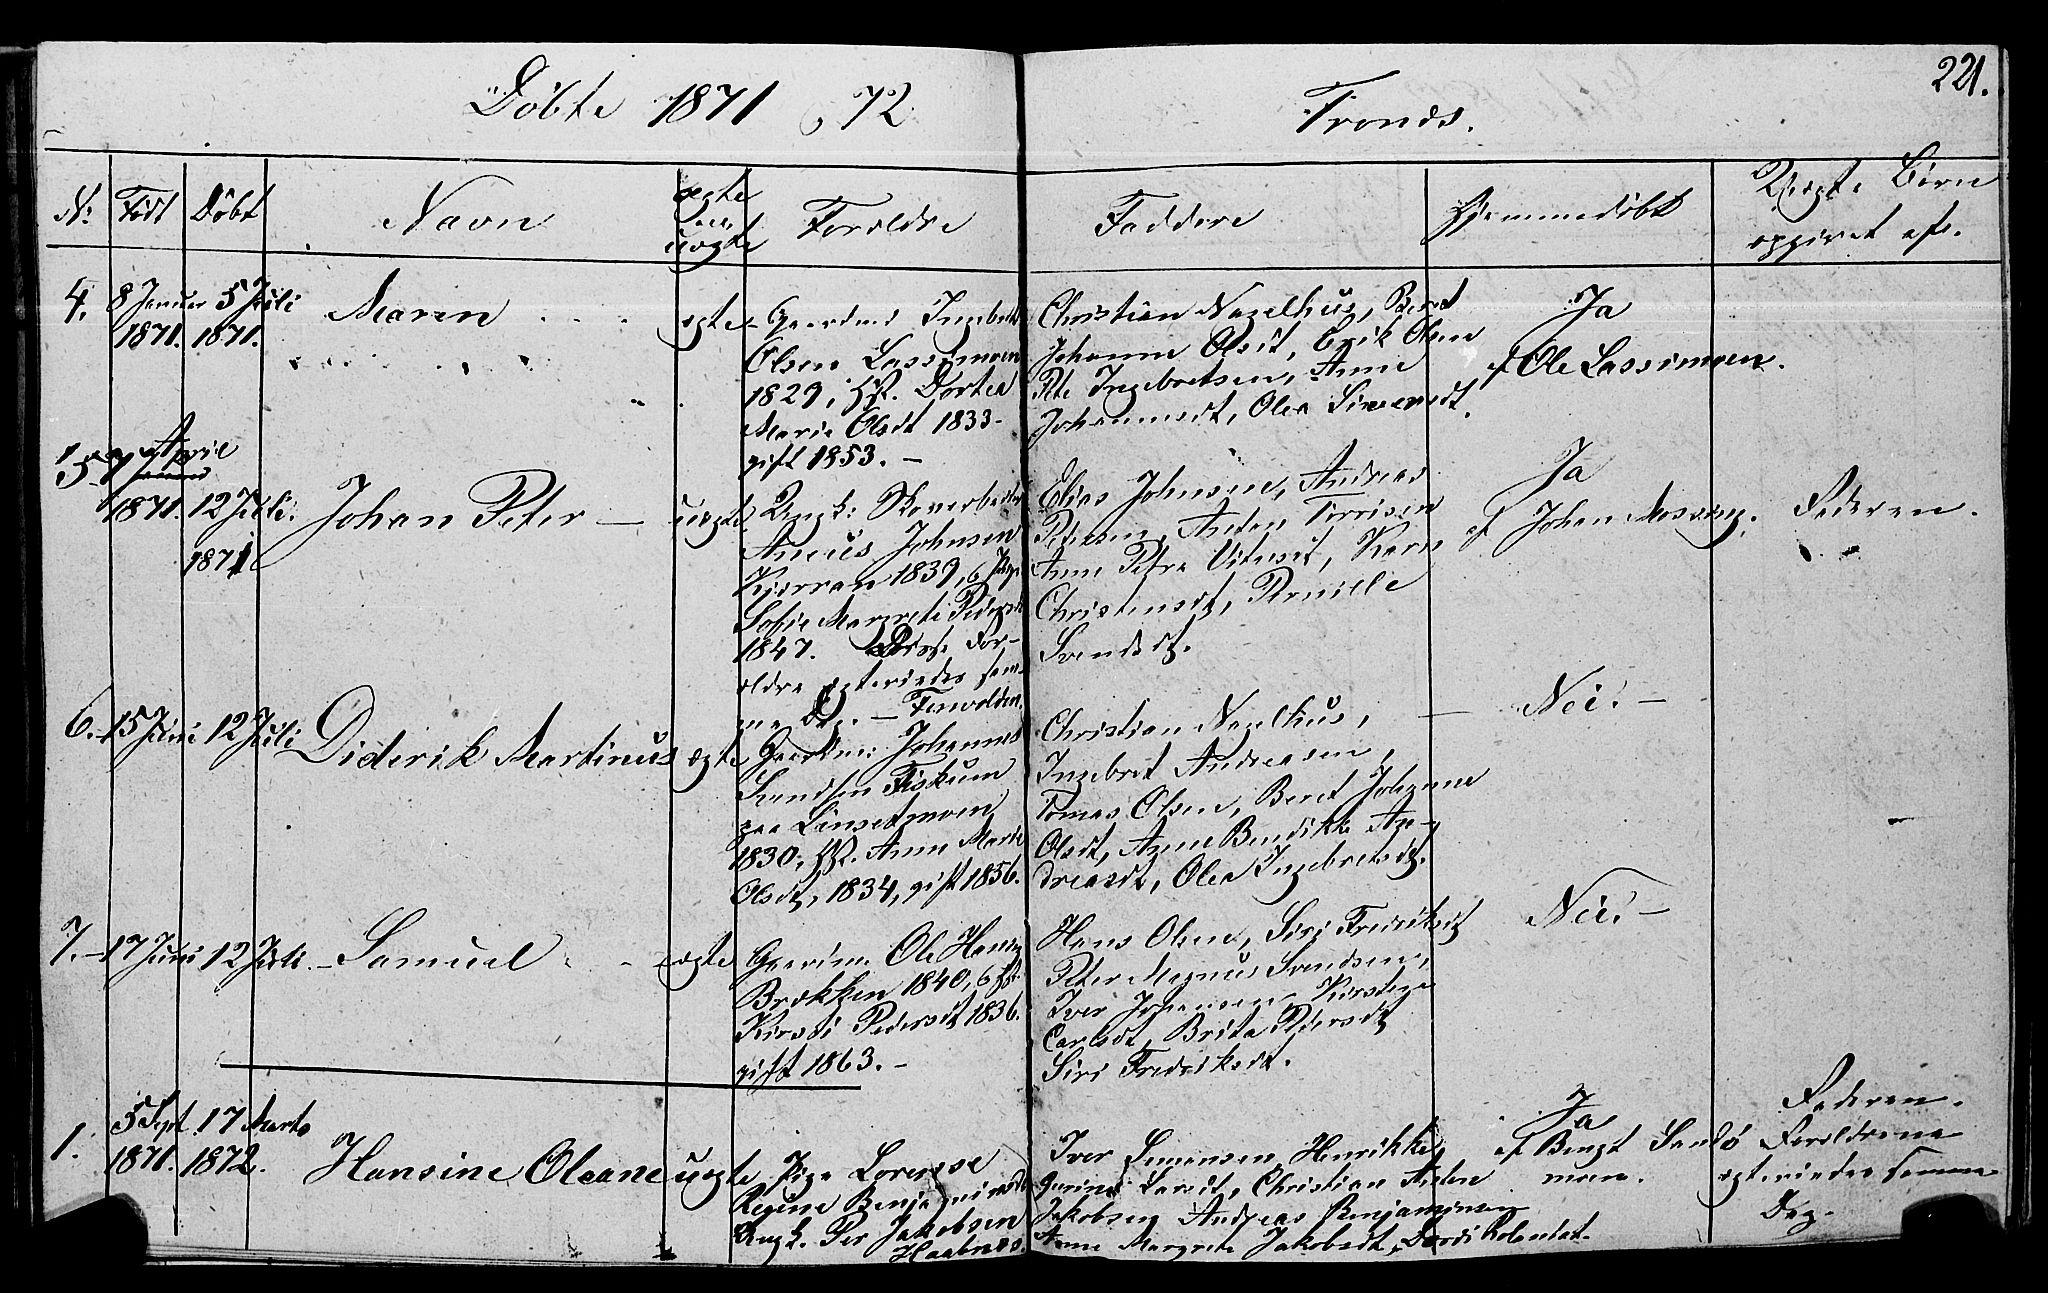 SAT, Ministerialprotokoller, klokkerbøker og fødselsregistre - Nord-Trøndelag, 762/L0538: Ministerialbok nr. 762A02 /2, 1833-1879, s. 221